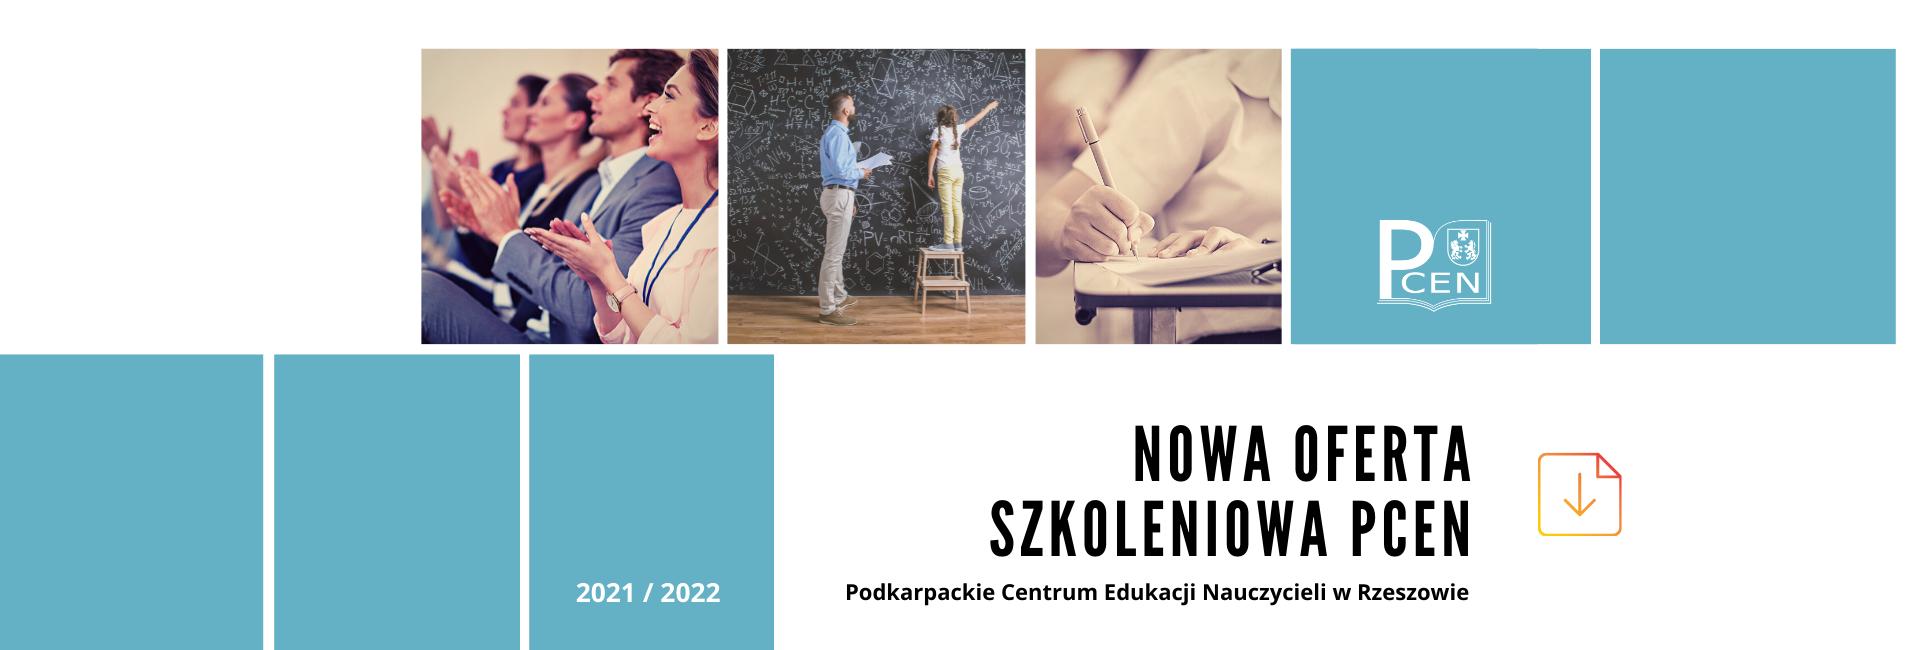 Baner oferta szkoleniowa PCEN na rok 2021/2022